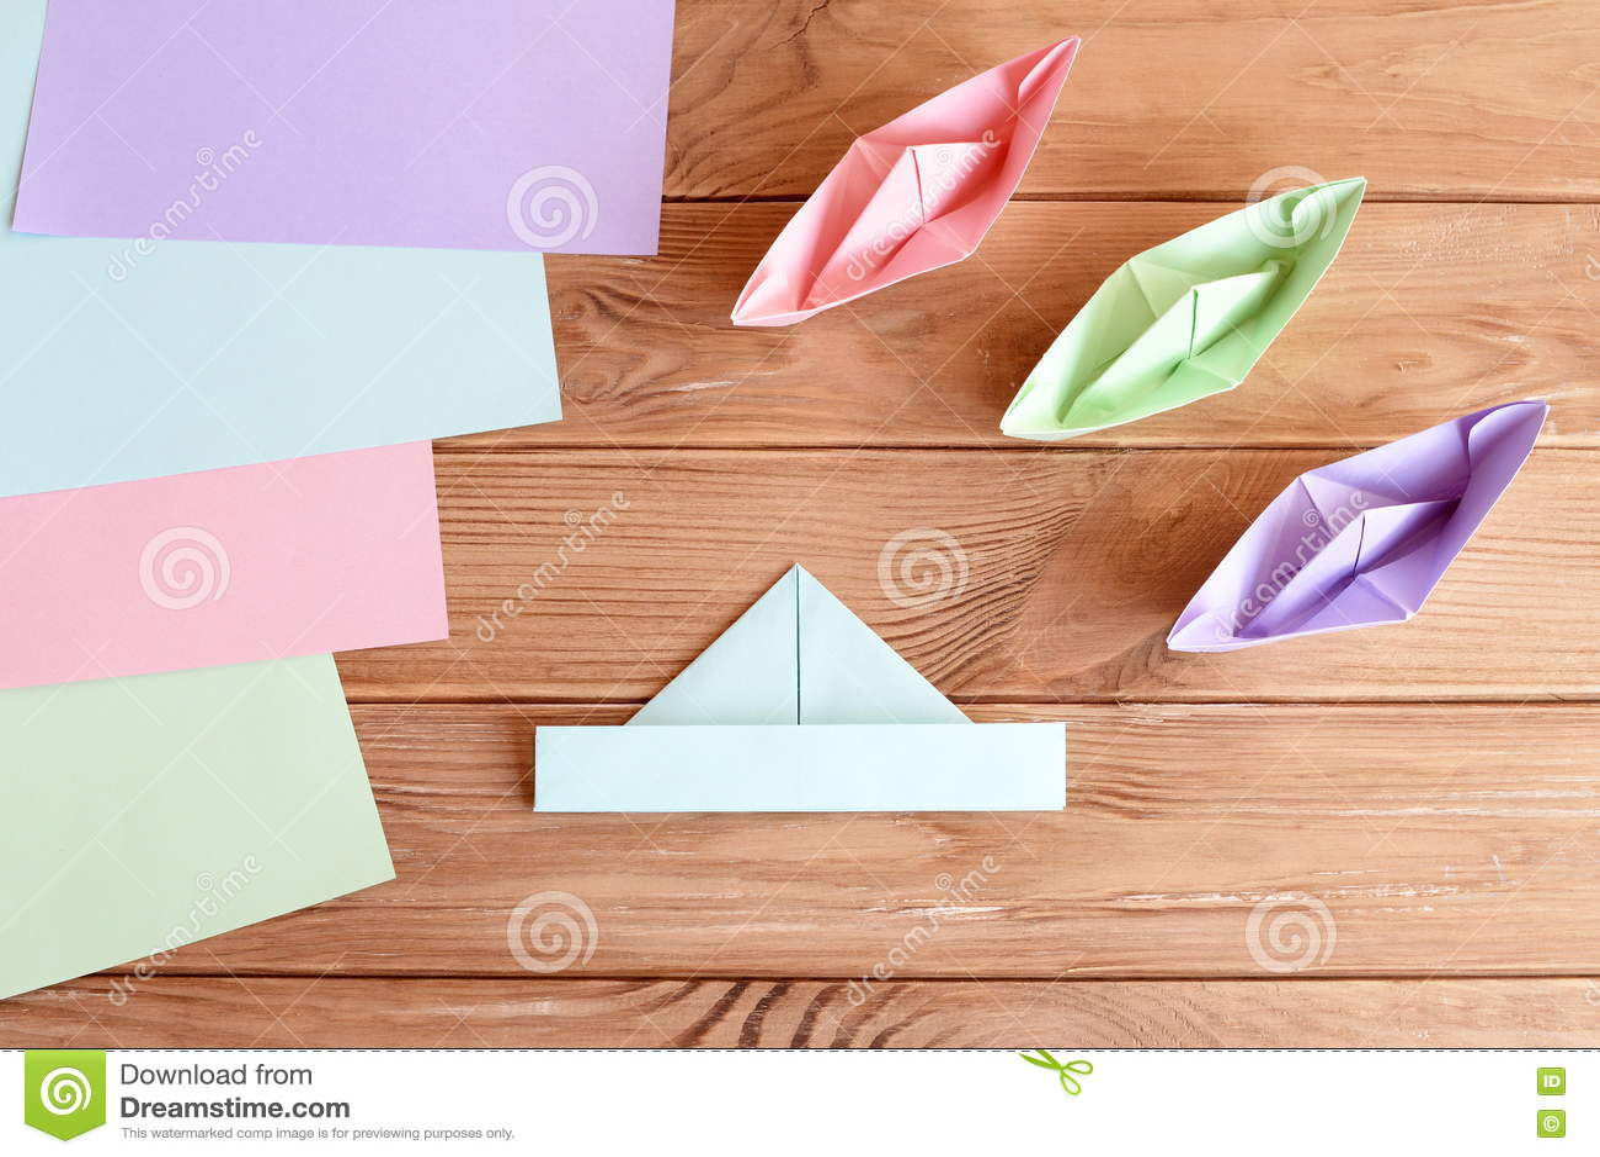 Ensemble De Bateaux D Origami Et De Feuilles Carrees De Papier Colore Sur Une Table En Bois Image Stock Image Du Origami Bois 73423323